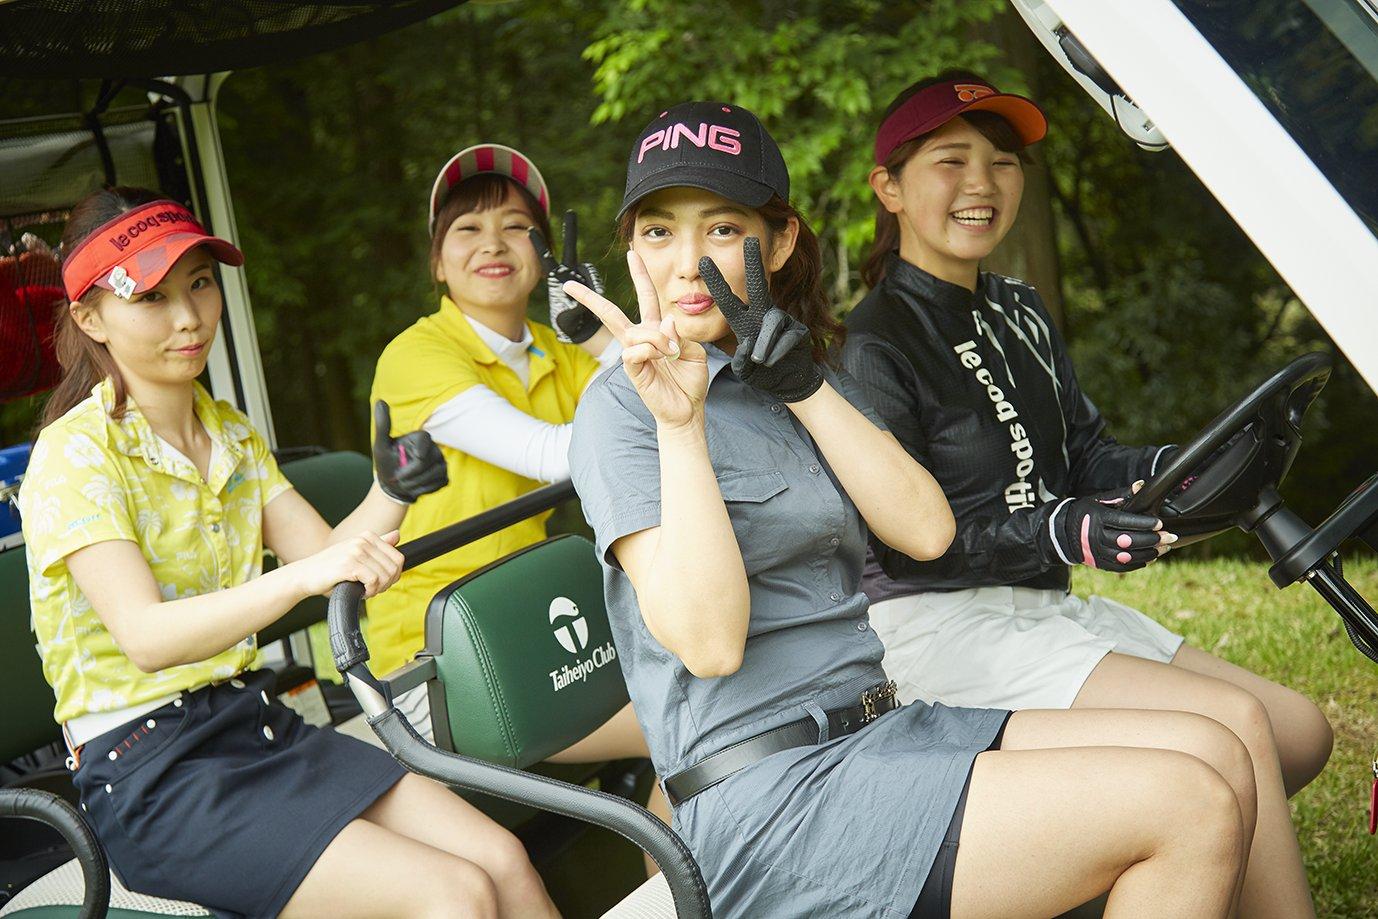 【キャディ募集!】未経験活躍中!ゴルフの知識ゼロから始める方が 9 割!育休ありで女性も活躍しやすい★